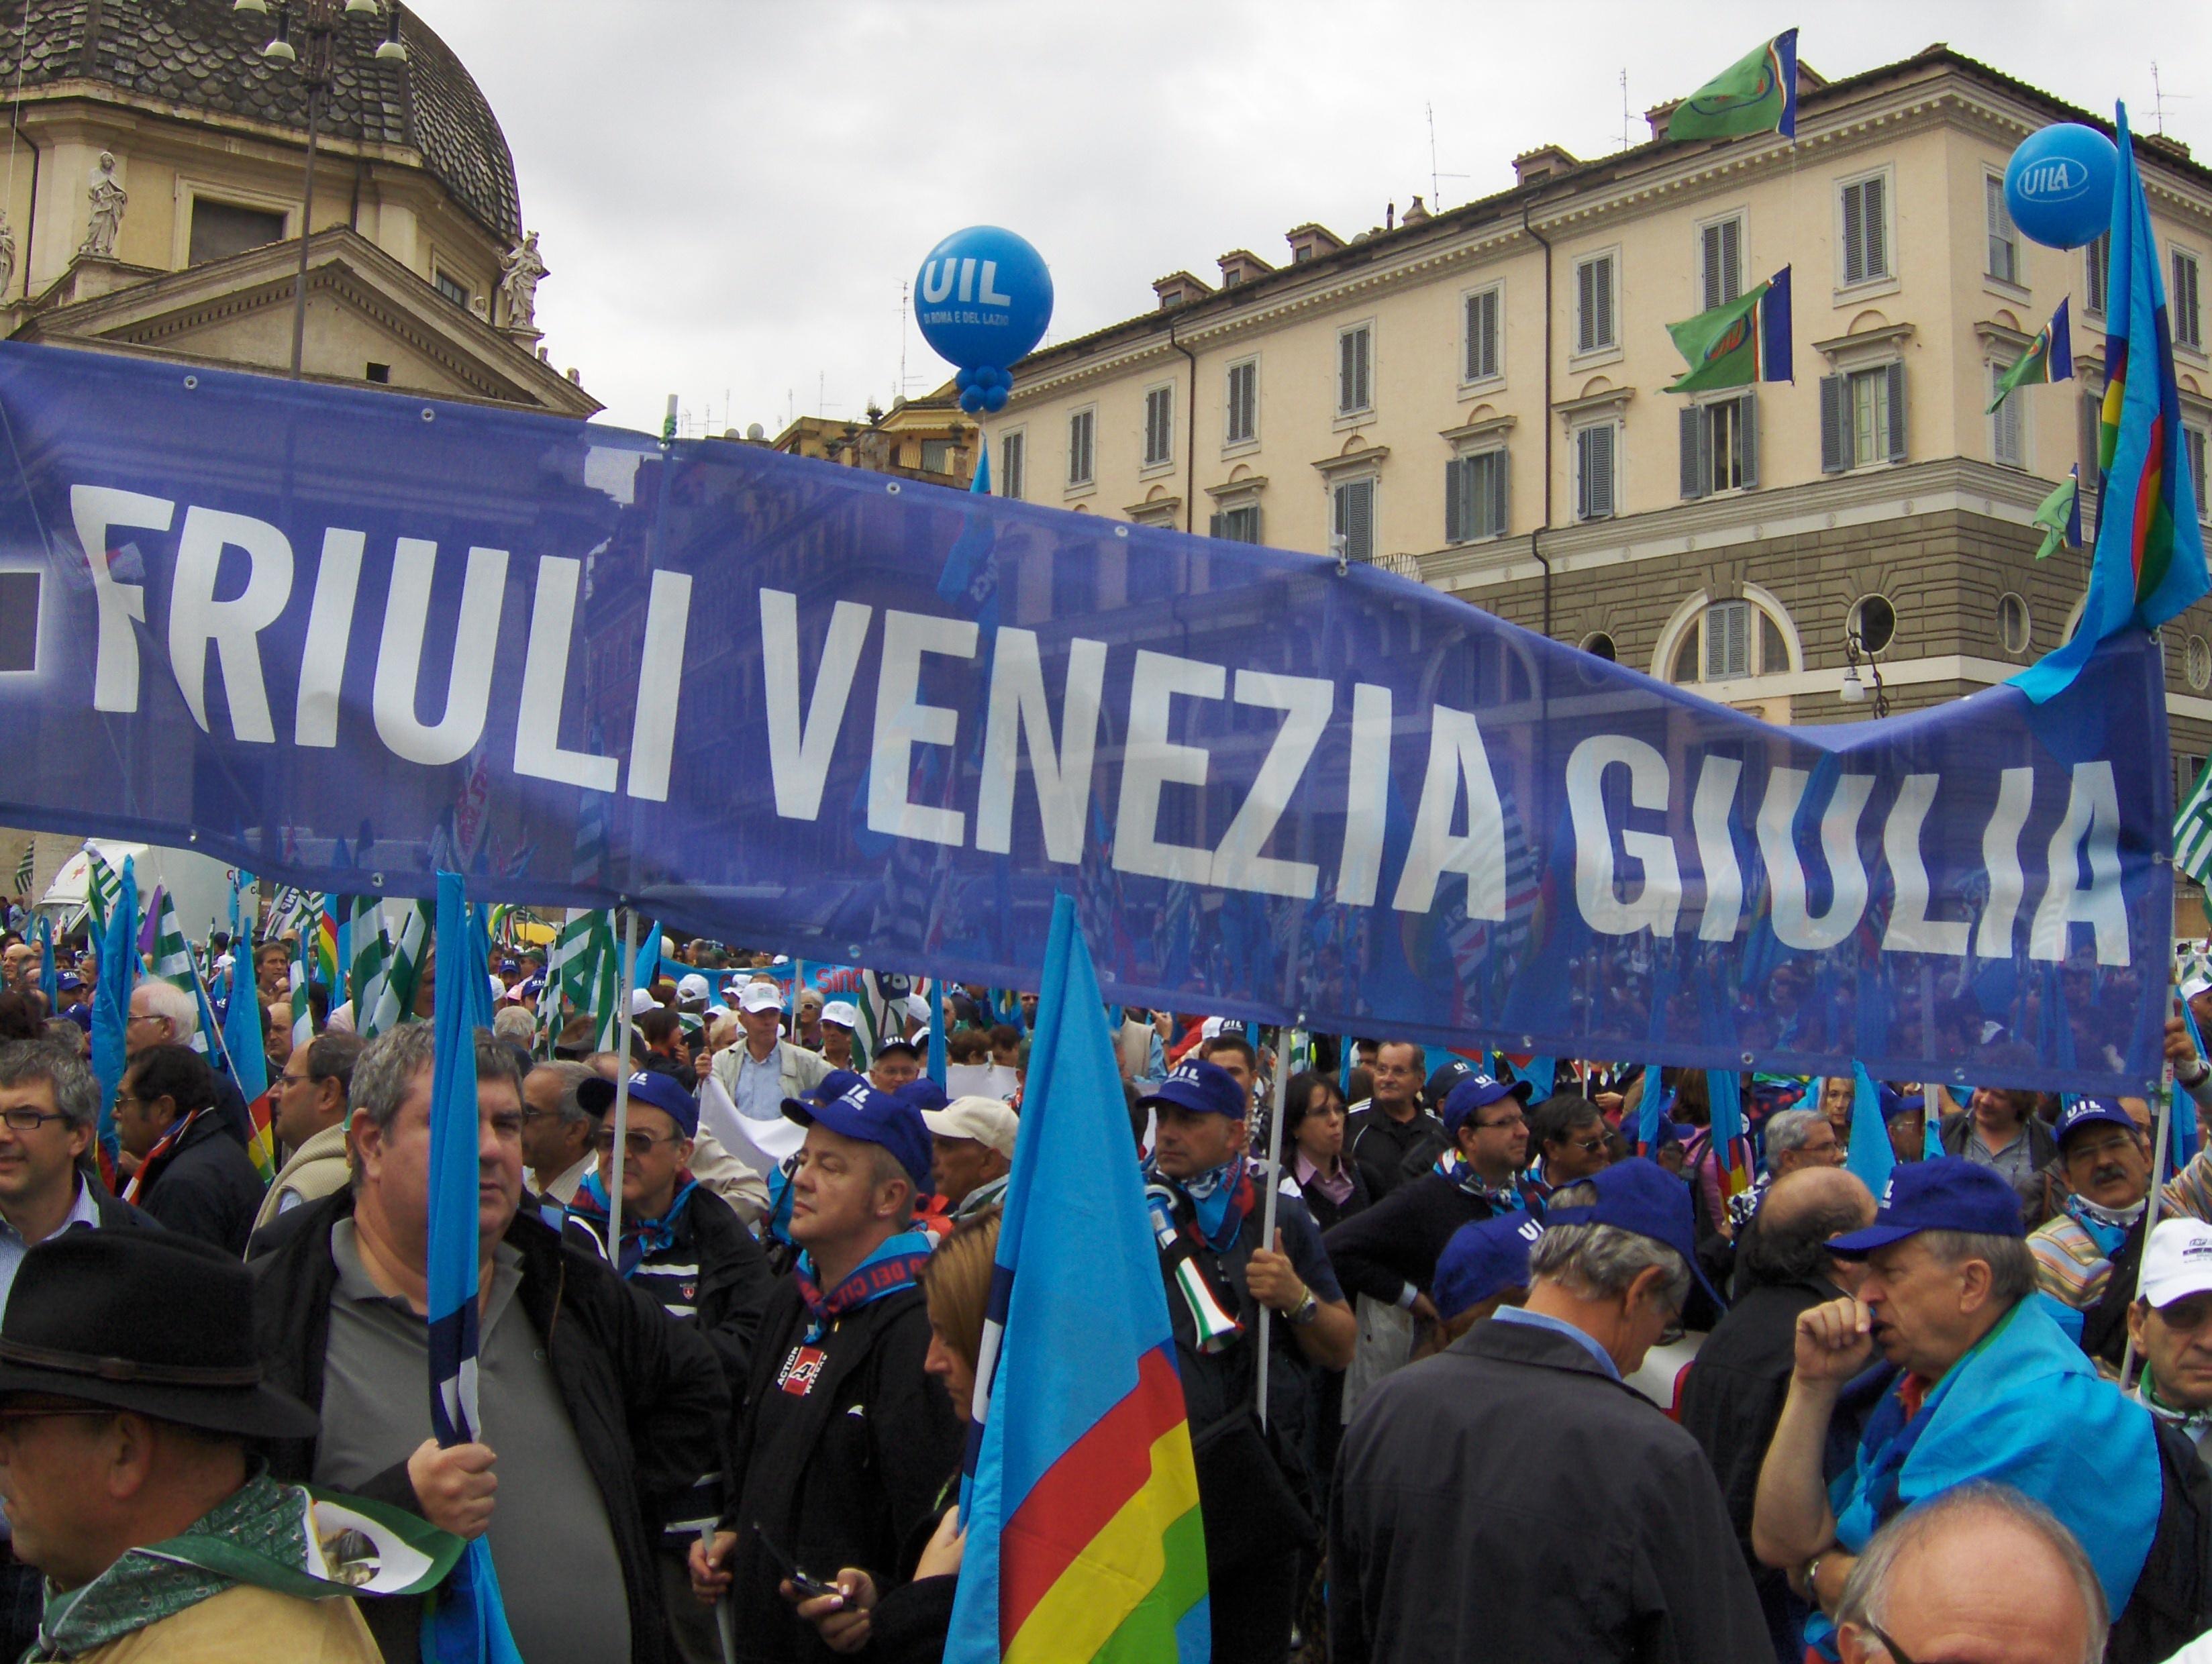 Sciopero generale UIL contro i limiti, gli errori e le ingiustizie dellamanovra economica del Governo